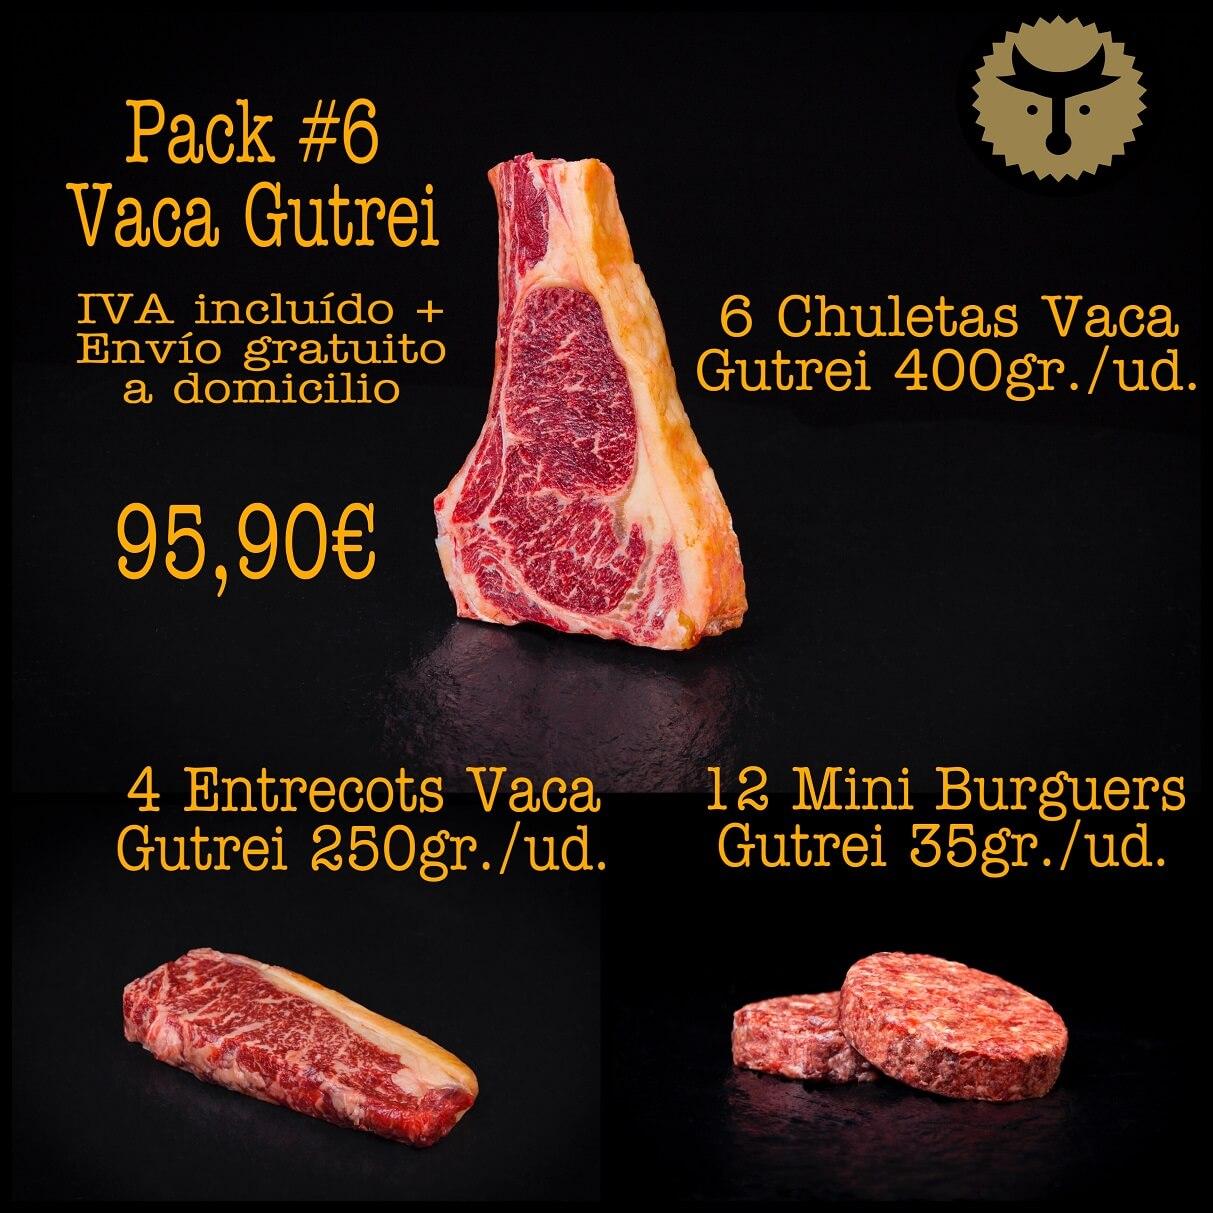 Pack 6 Vaca Gutrei